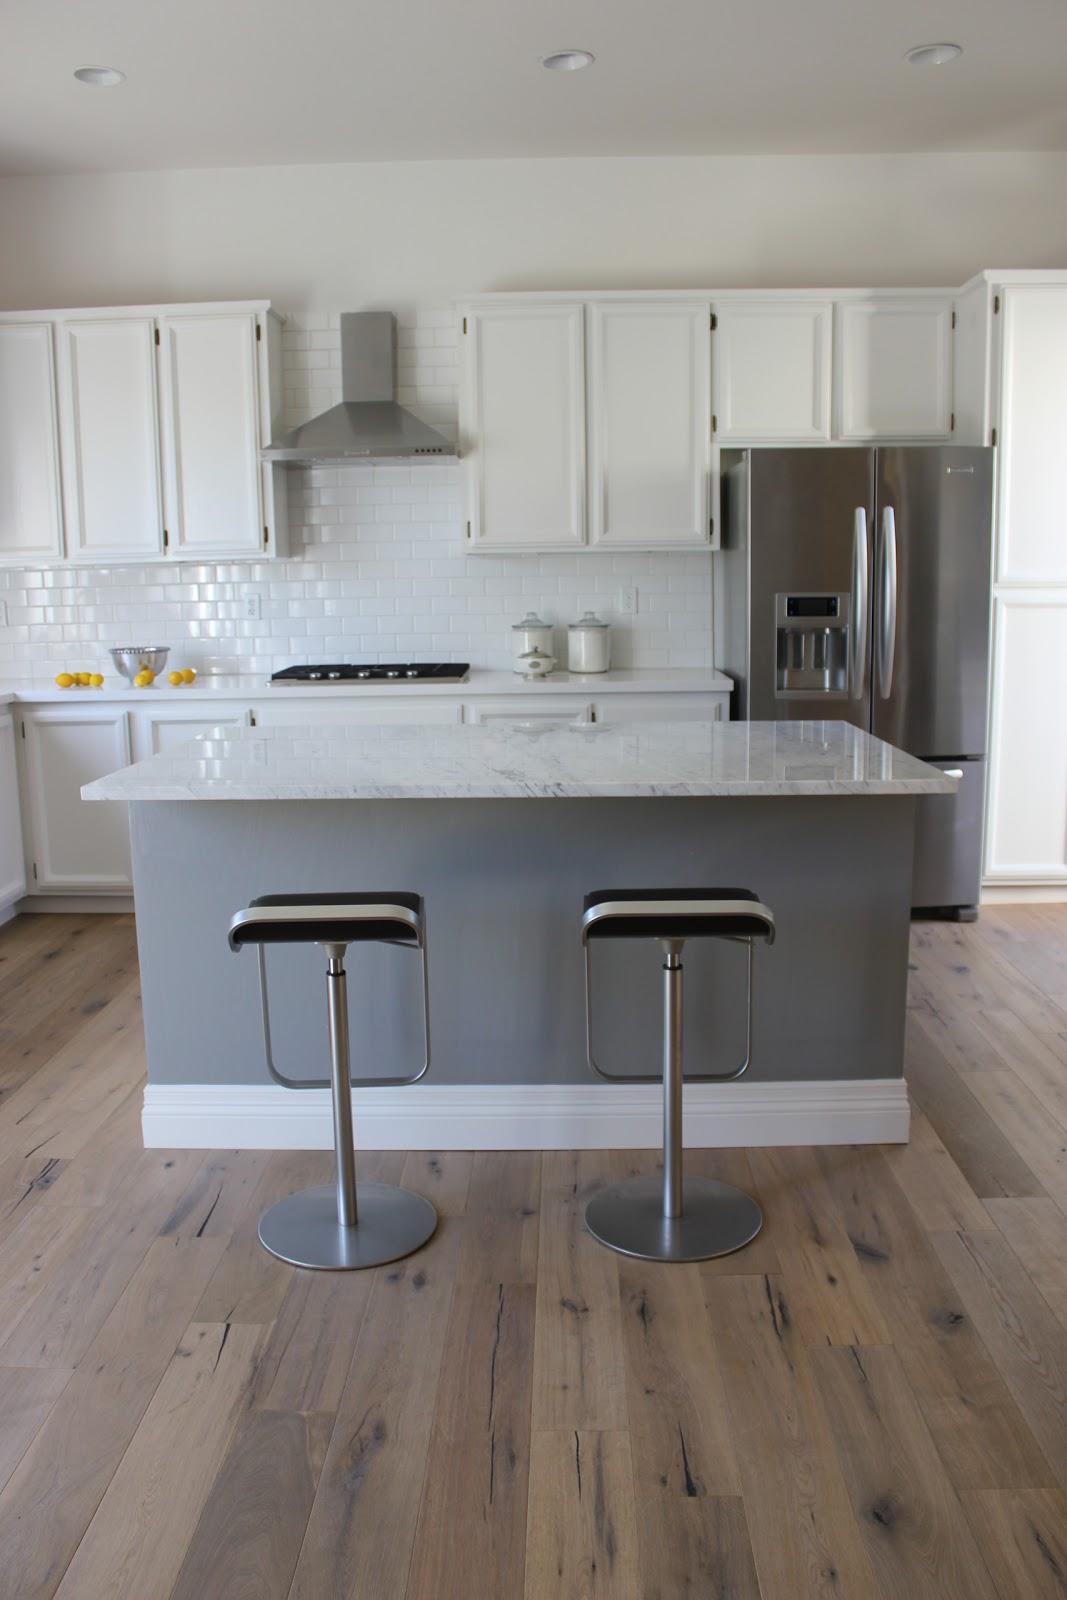 01 kitchen island vent Kitchen Remodel in Elk Grove